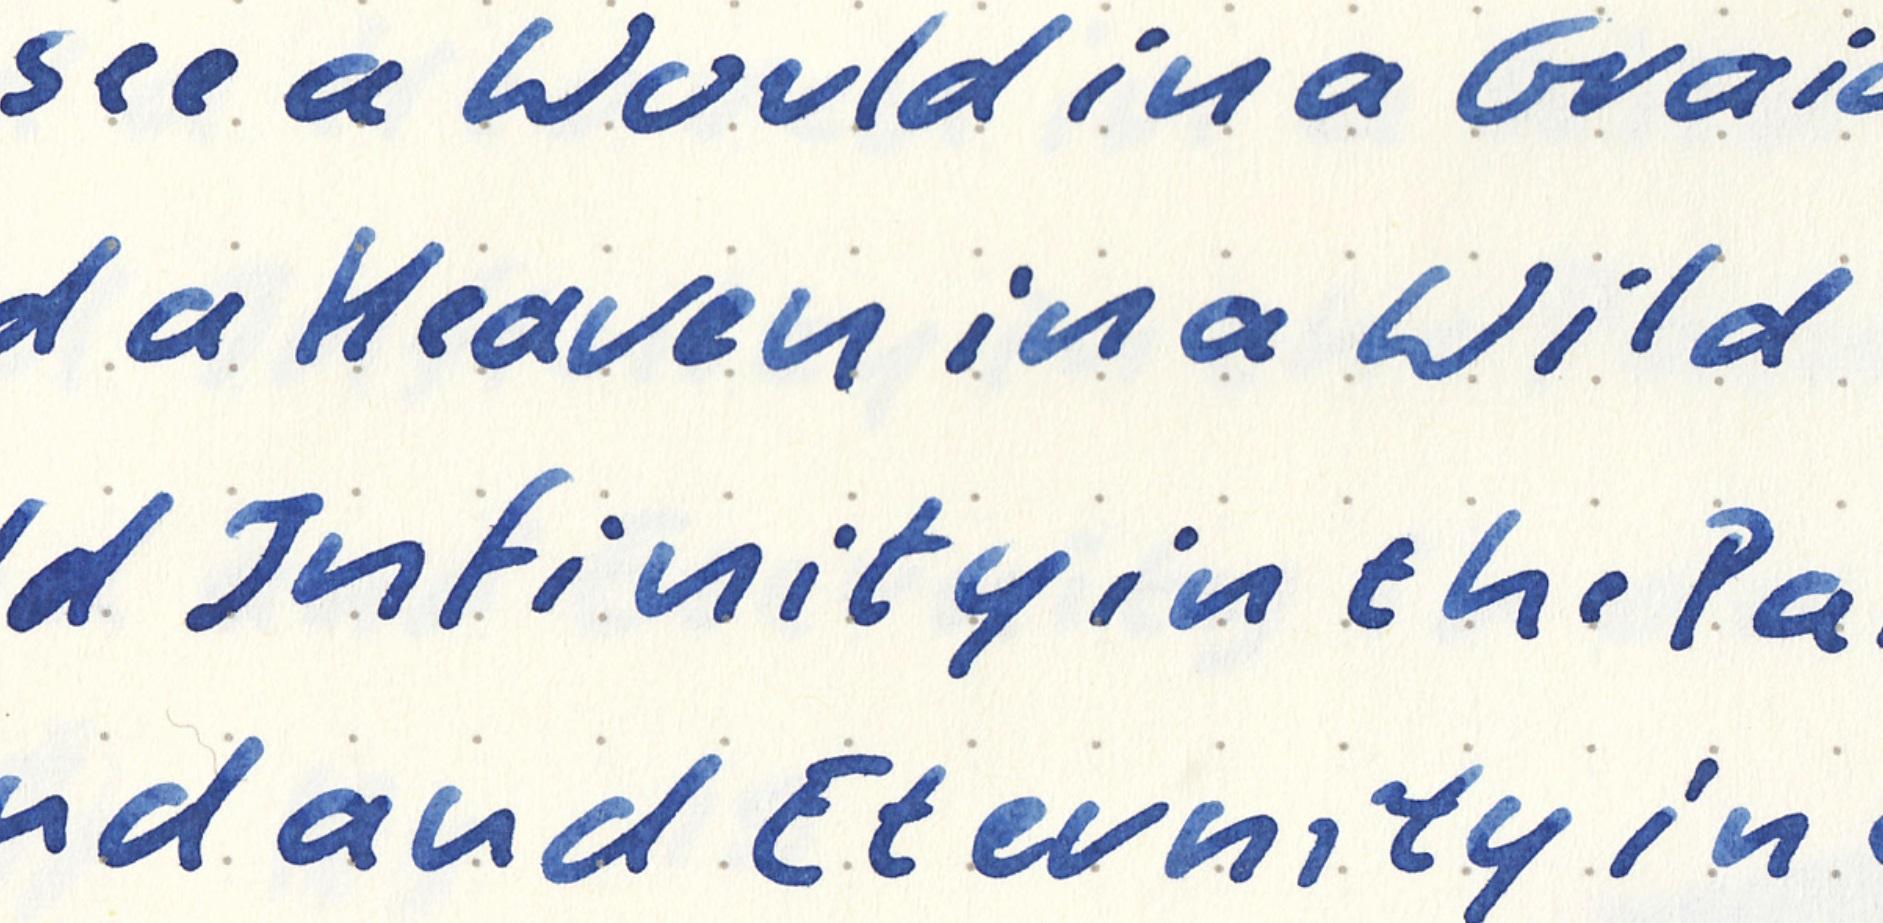 fpn_1458981973__midnightblue_papierplume